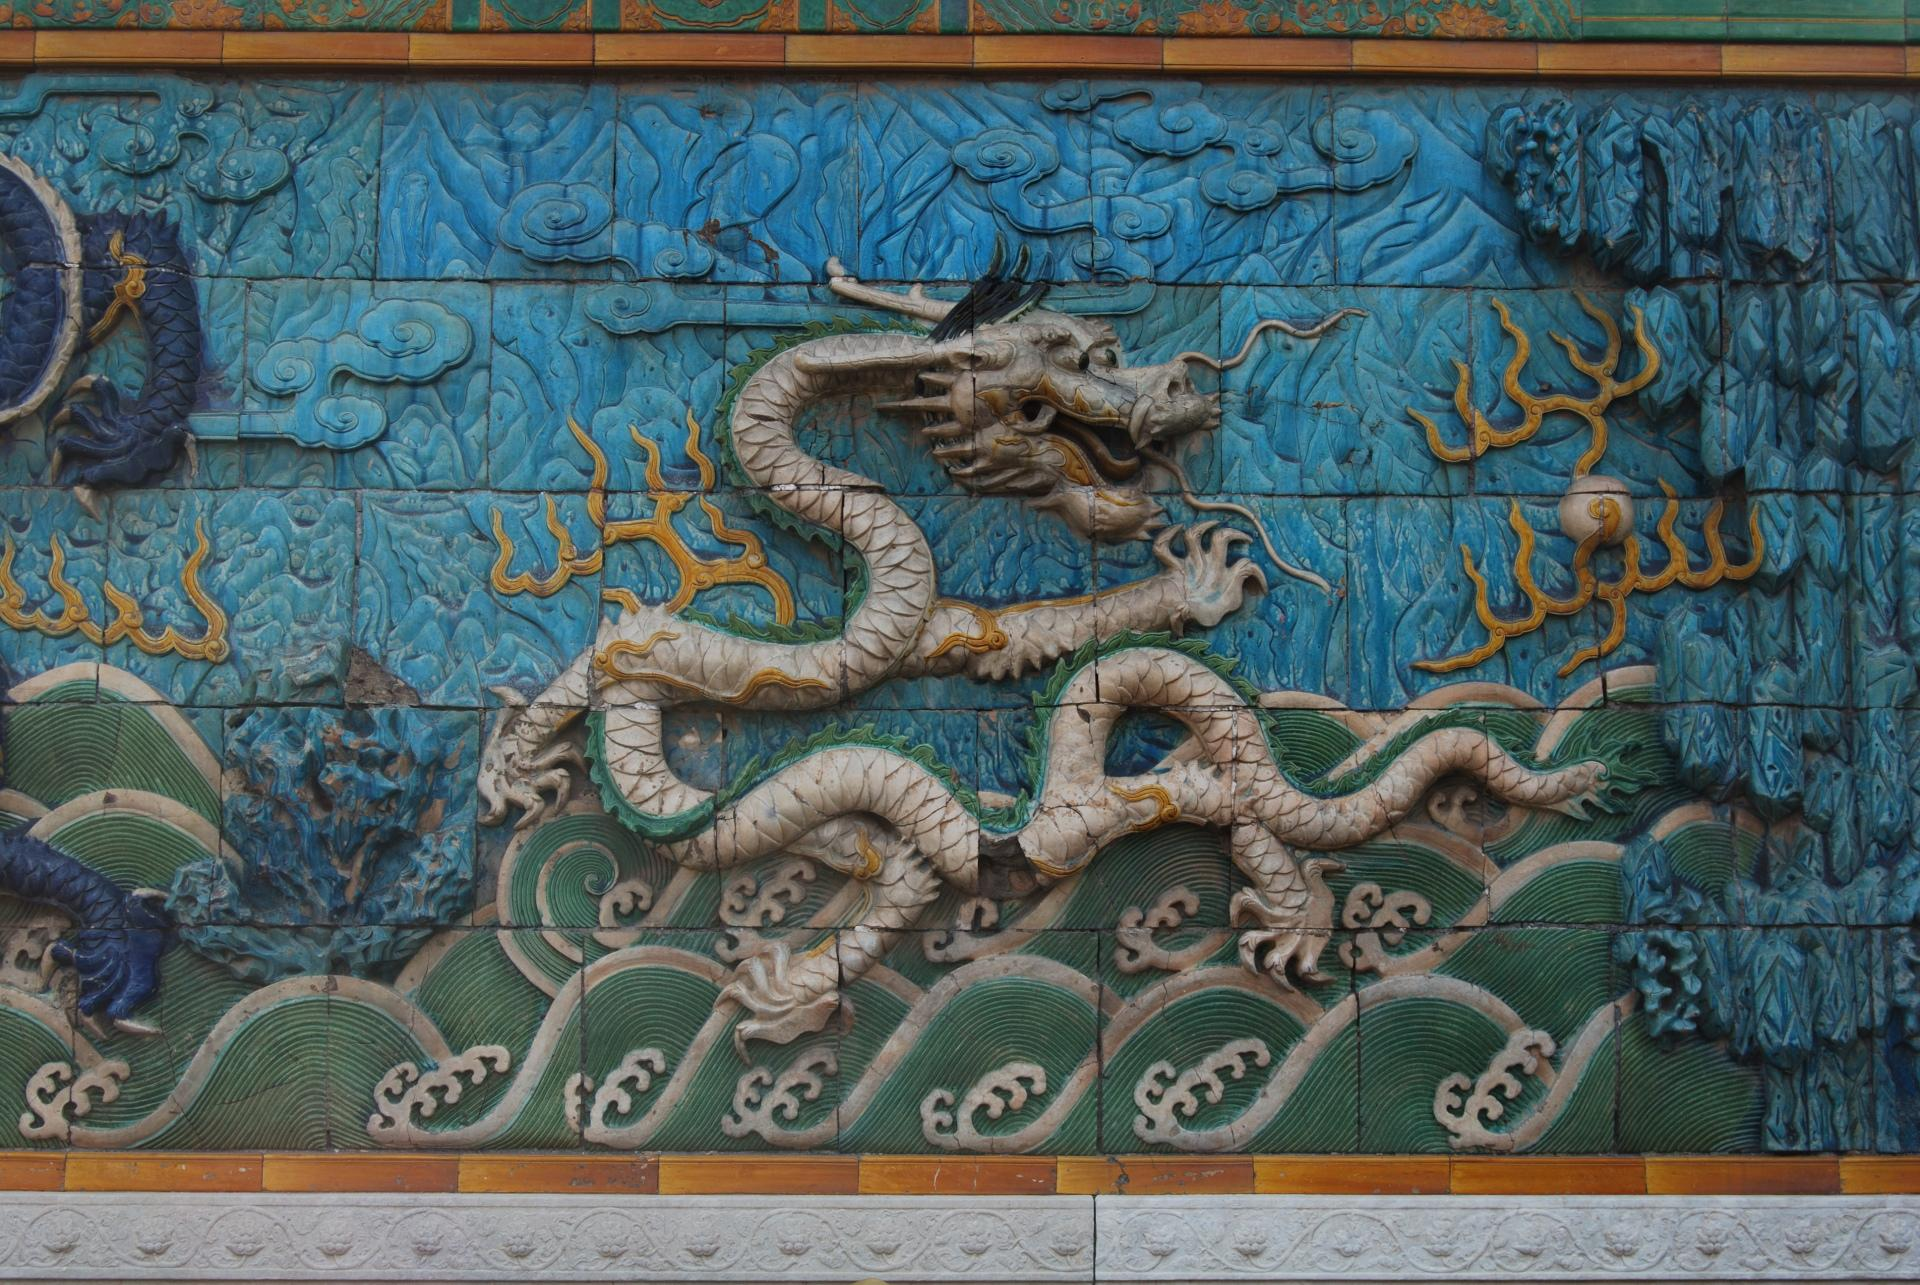 Nine-dragon Wall wallpapers HD quality